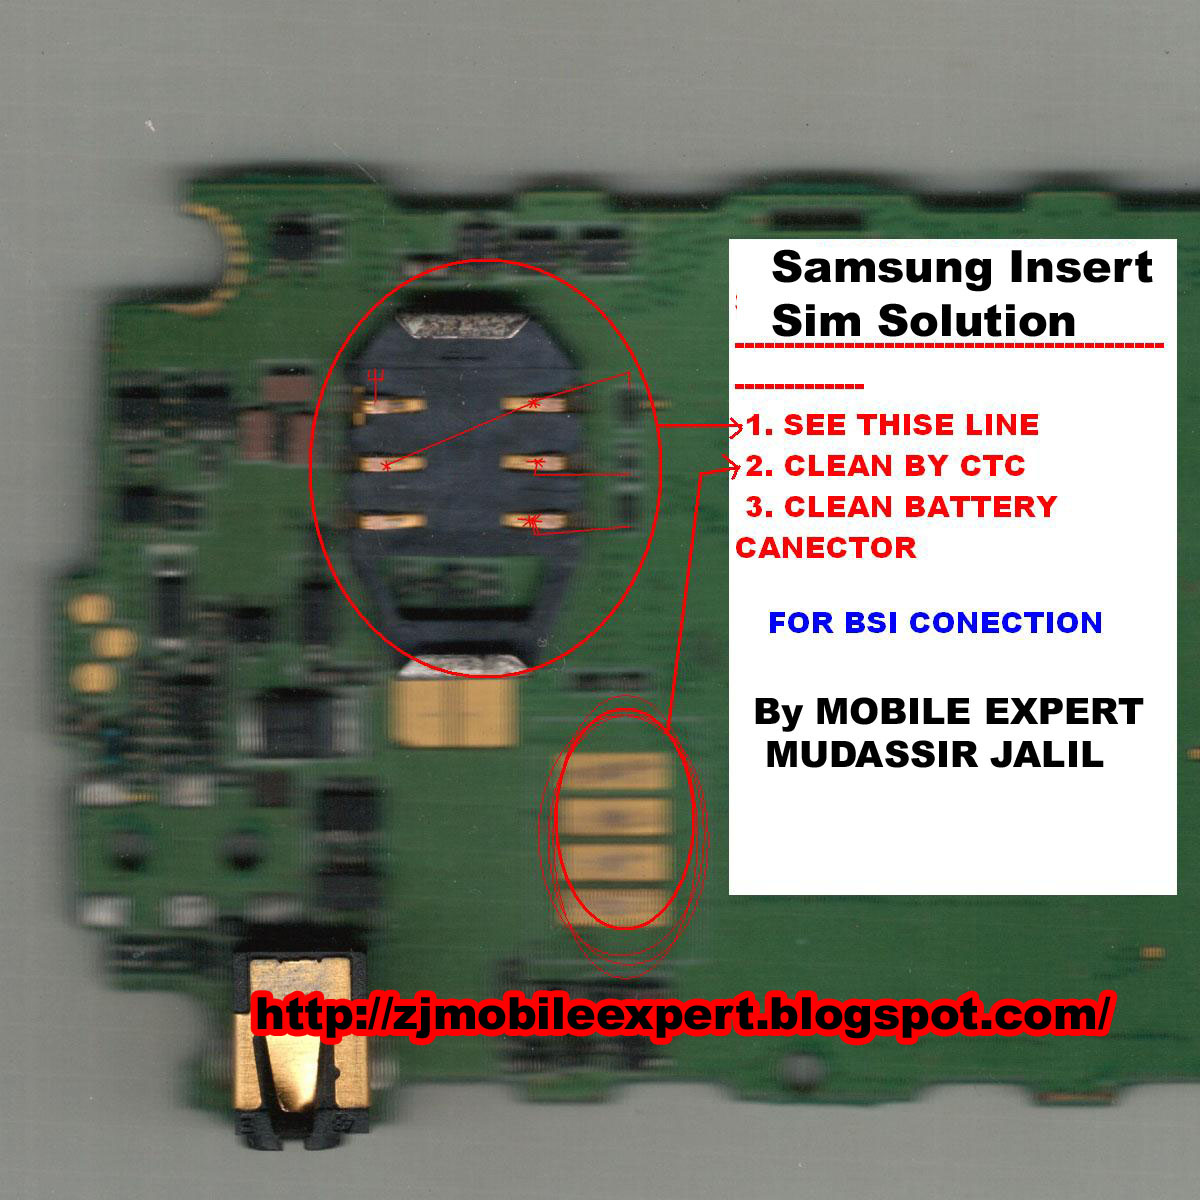 http://2.bp.blogspot.com/-DYhLPULmm-I/UEUn21SXDXI/AAAAAAAABSk/z7sTj33d8G4/s1600/INSERT+SIM+SALUTION.JPG